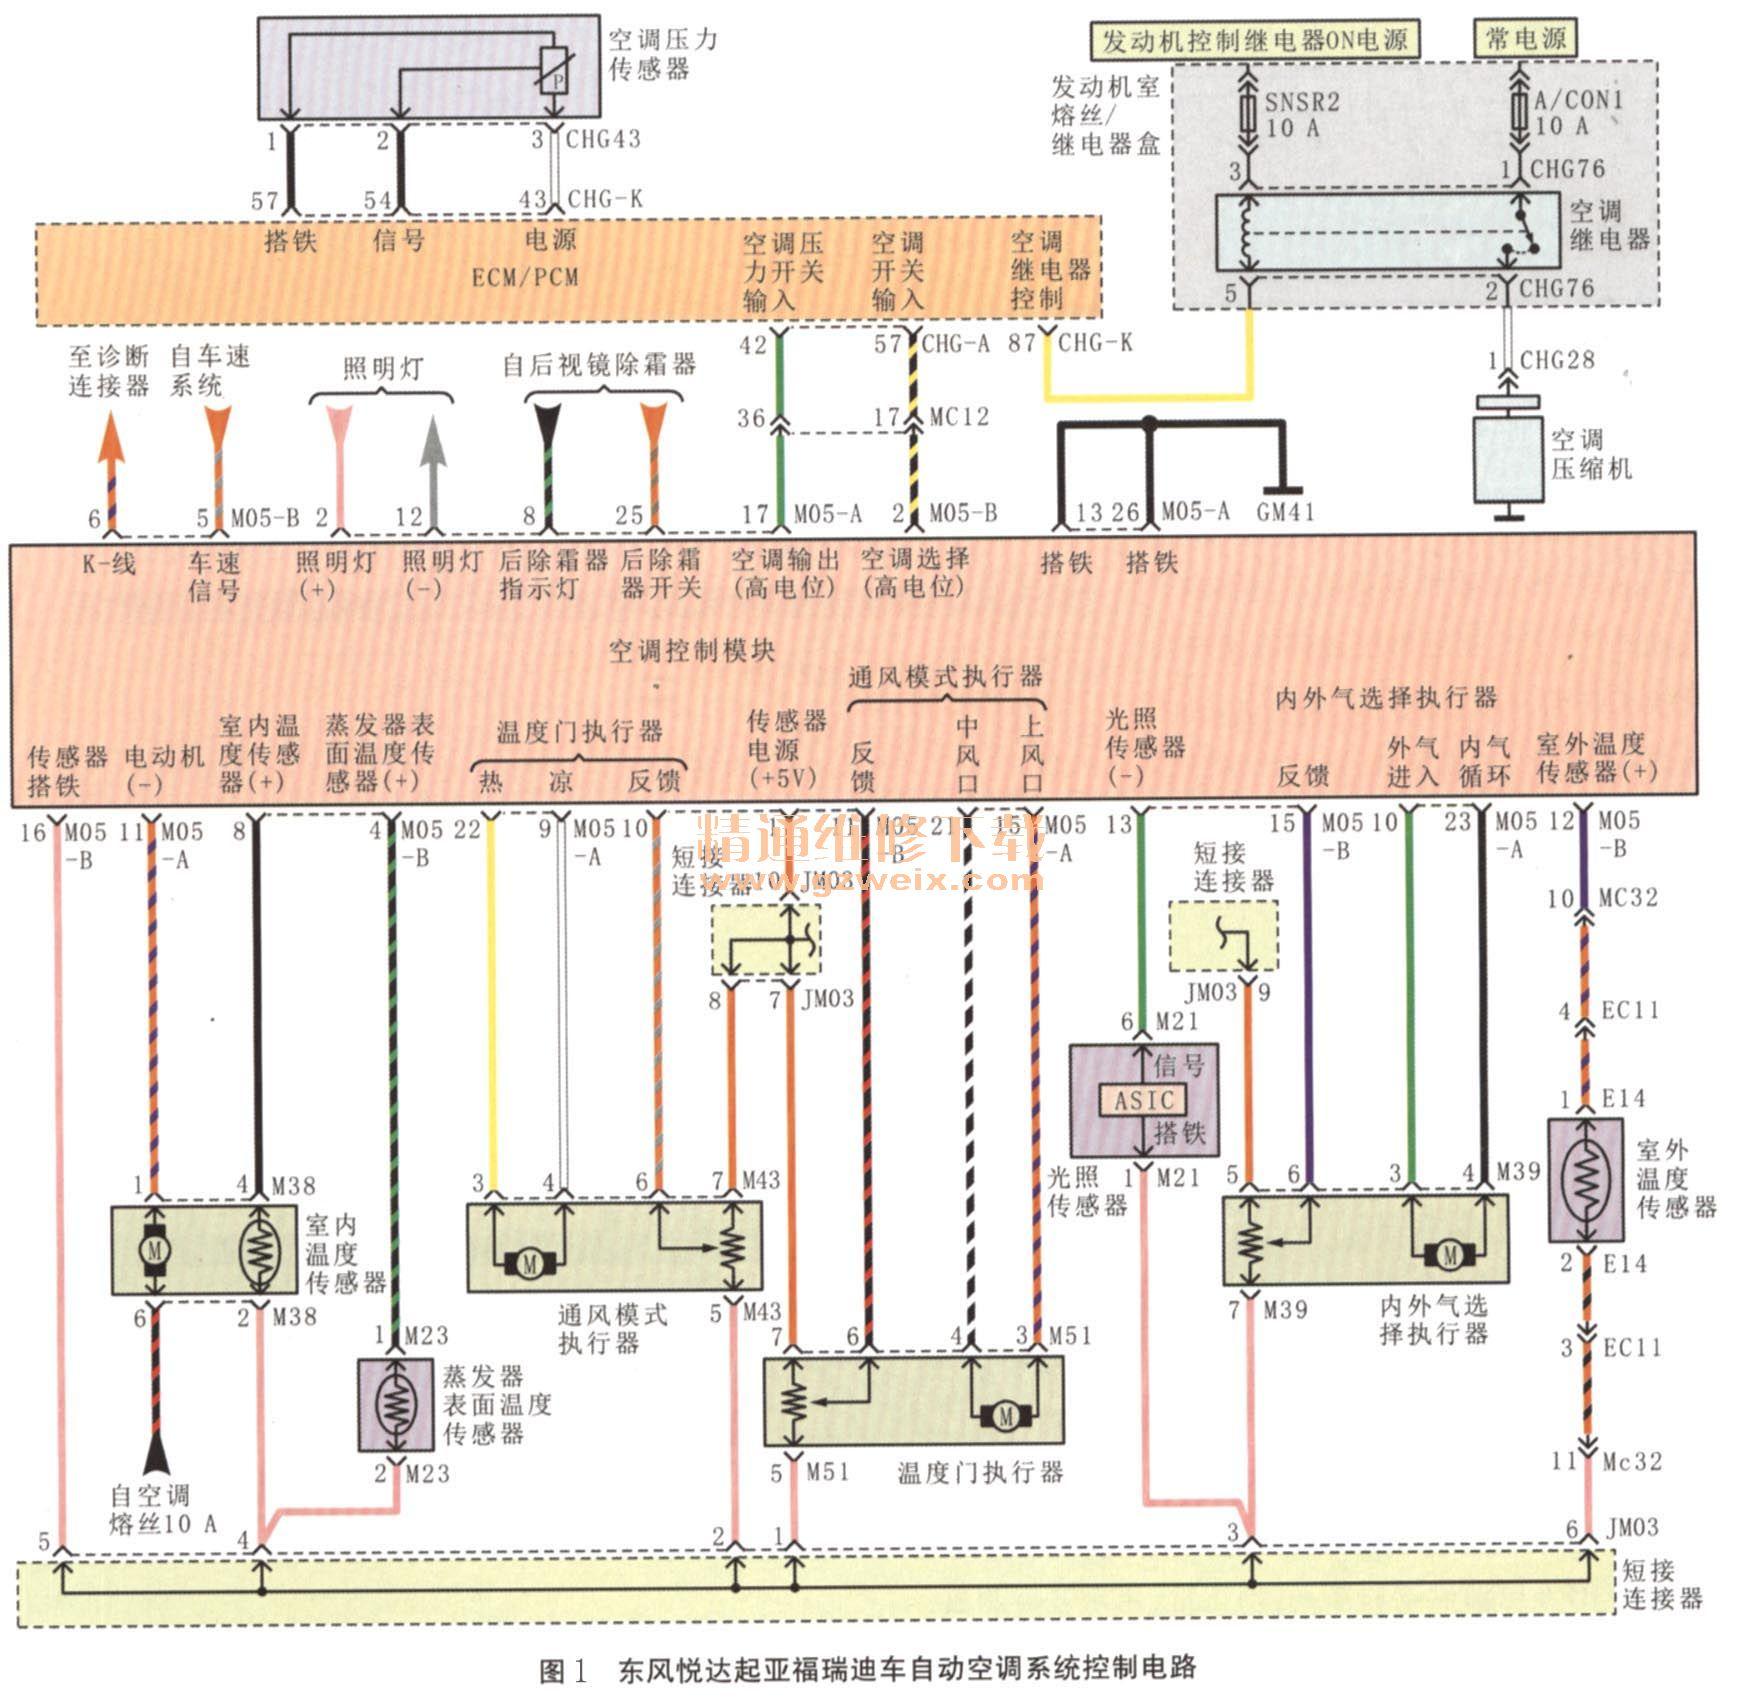 用零件替换法先后更换了蒸发器表面温度传感器和空调压缩机继电器后